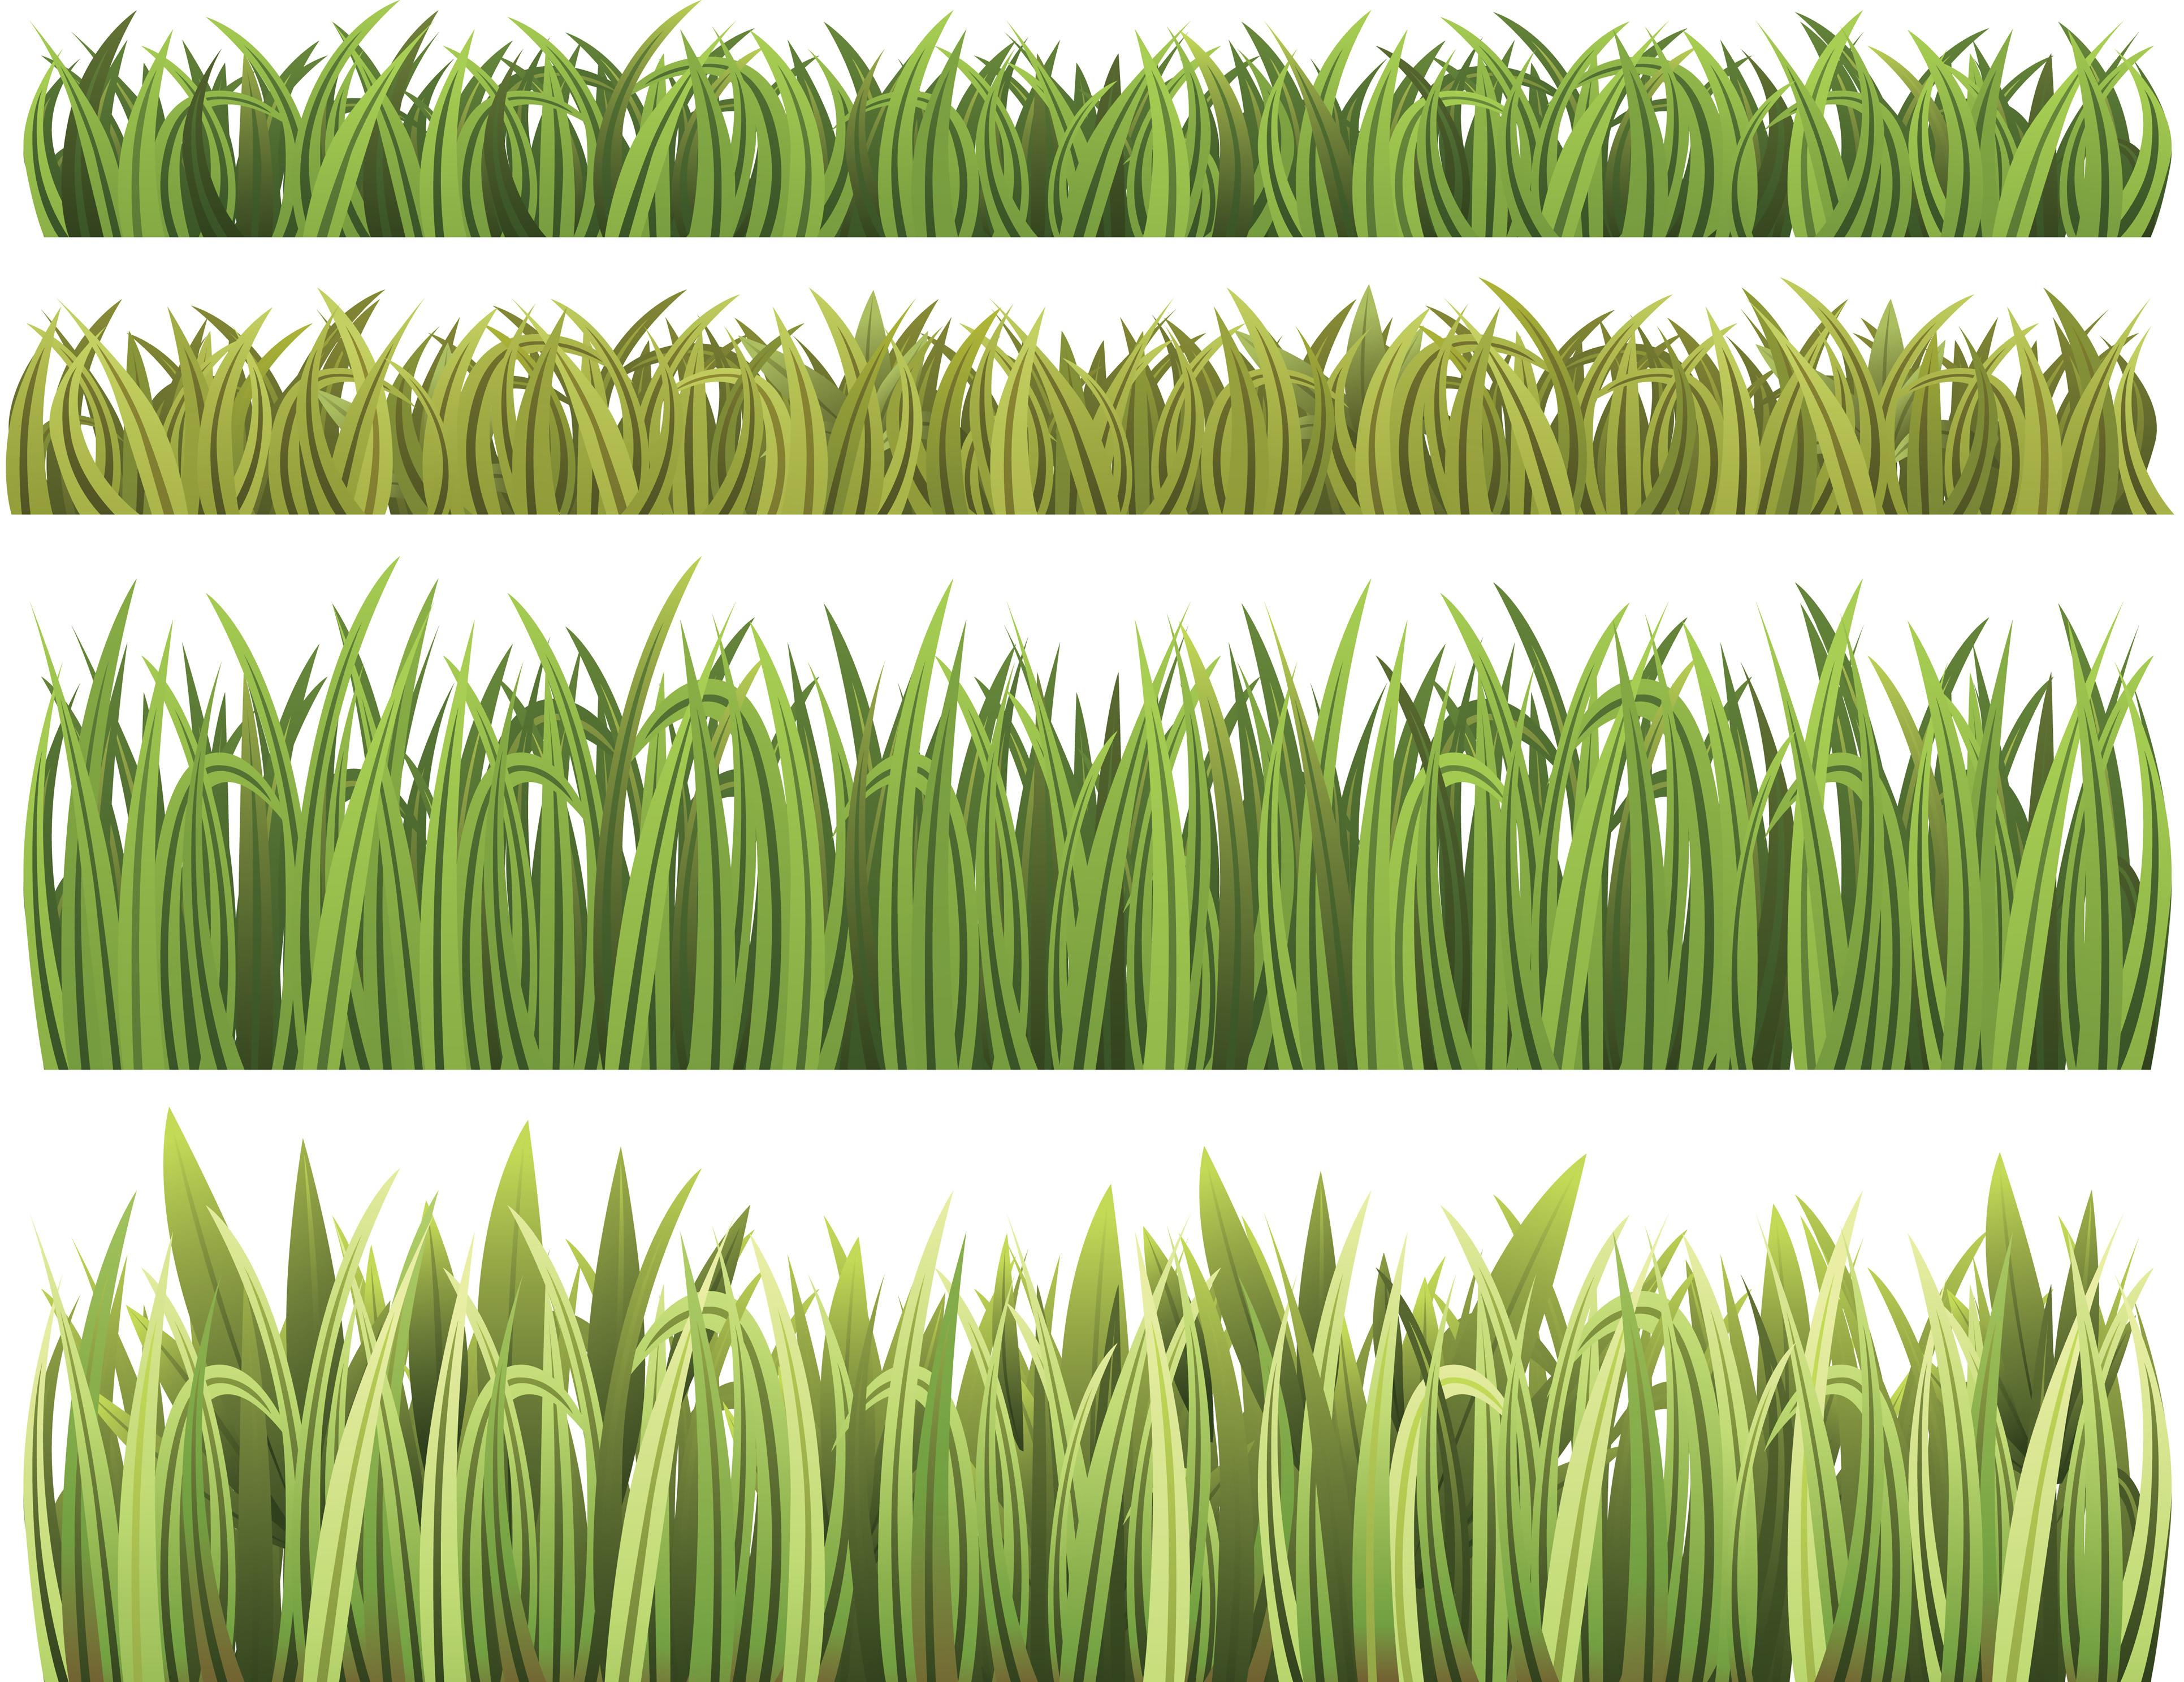 Cliparti1 grass clipart